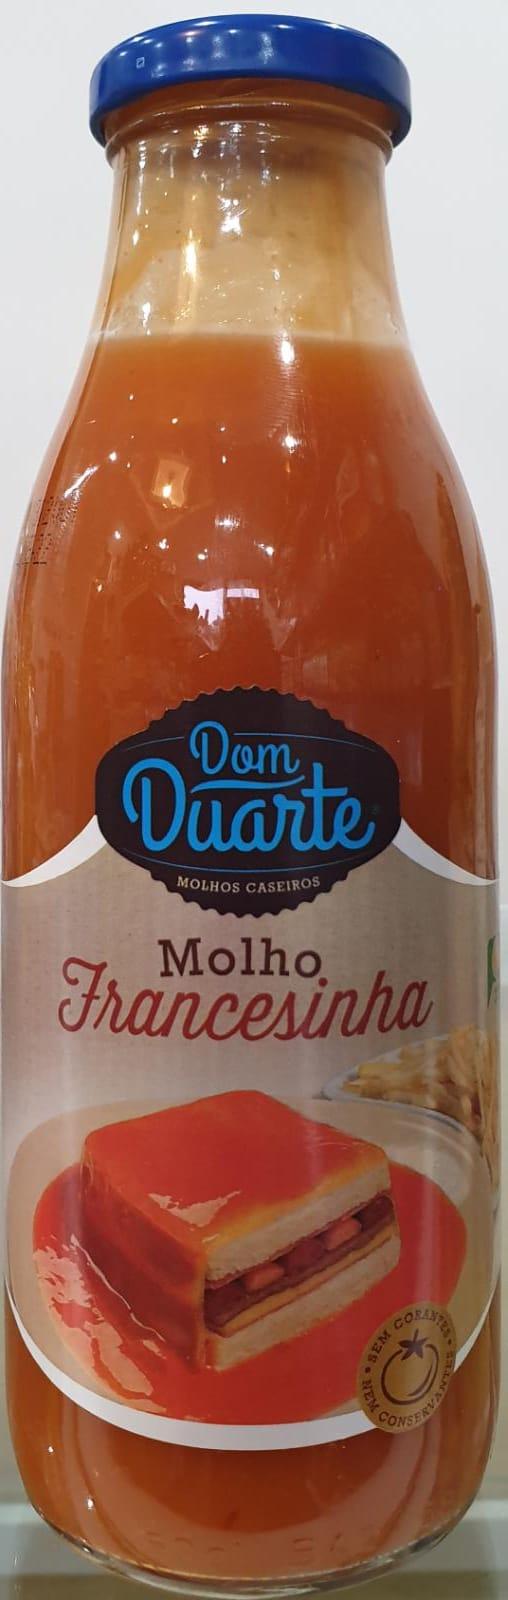 Molho Francesinha Dom Duarte